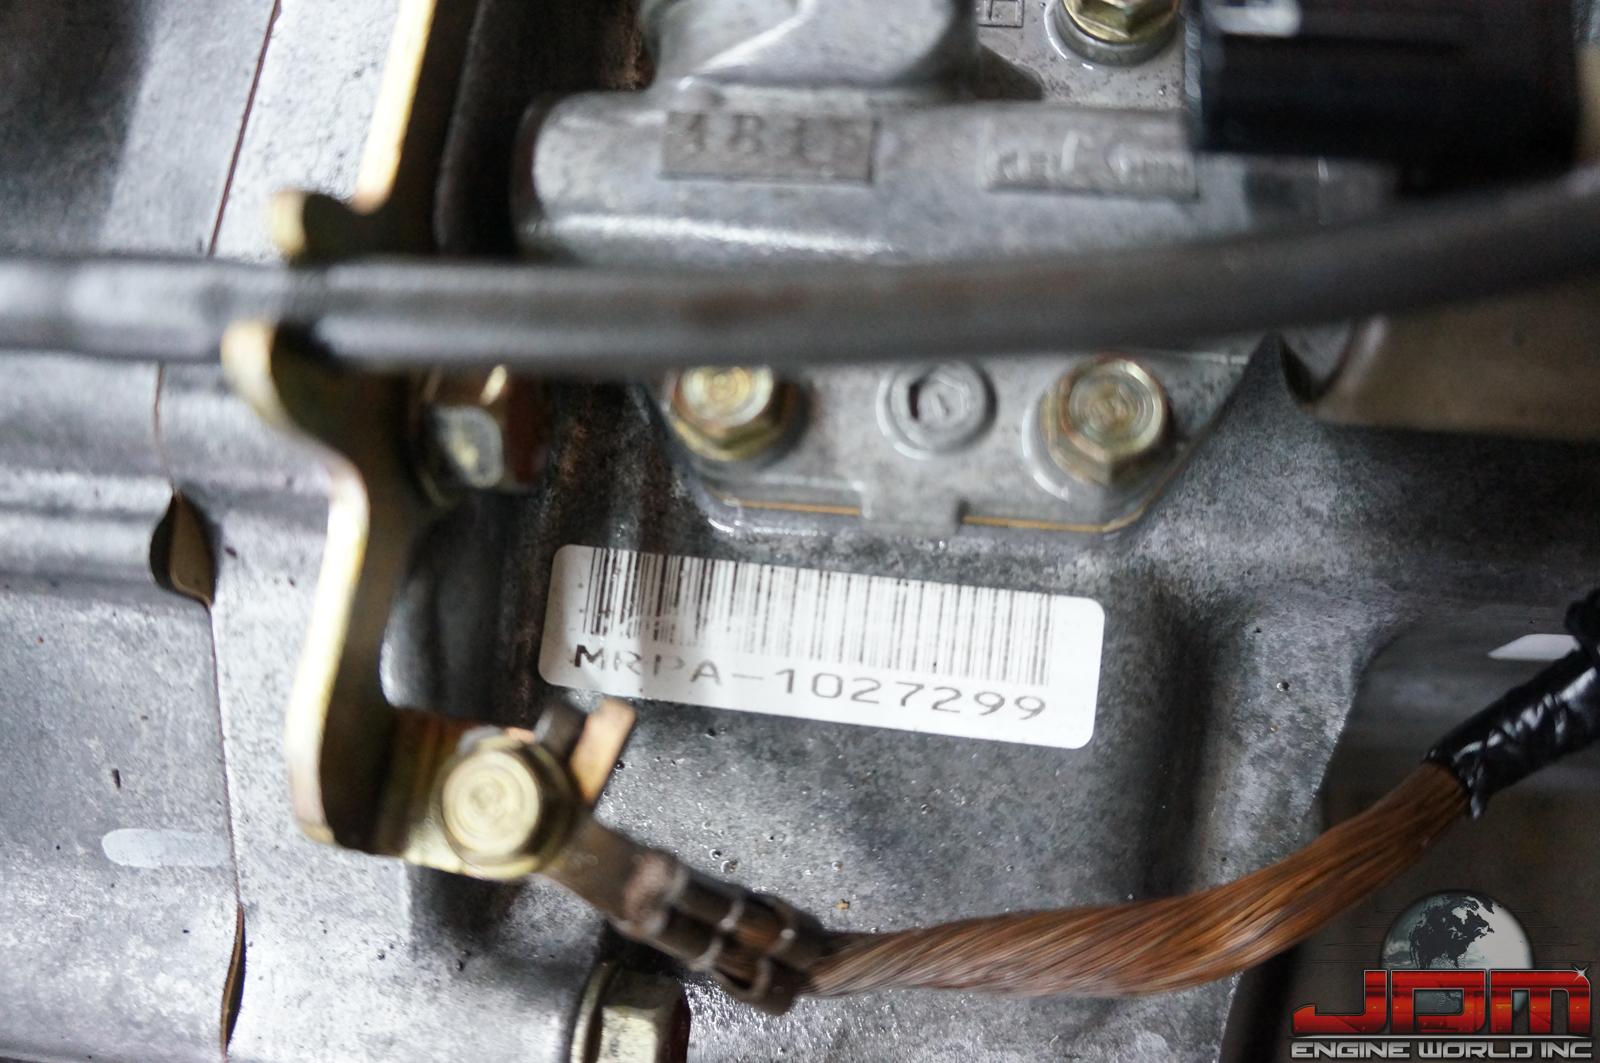 JDM K20A MRPA AUTOMATIC TRANSMISSION